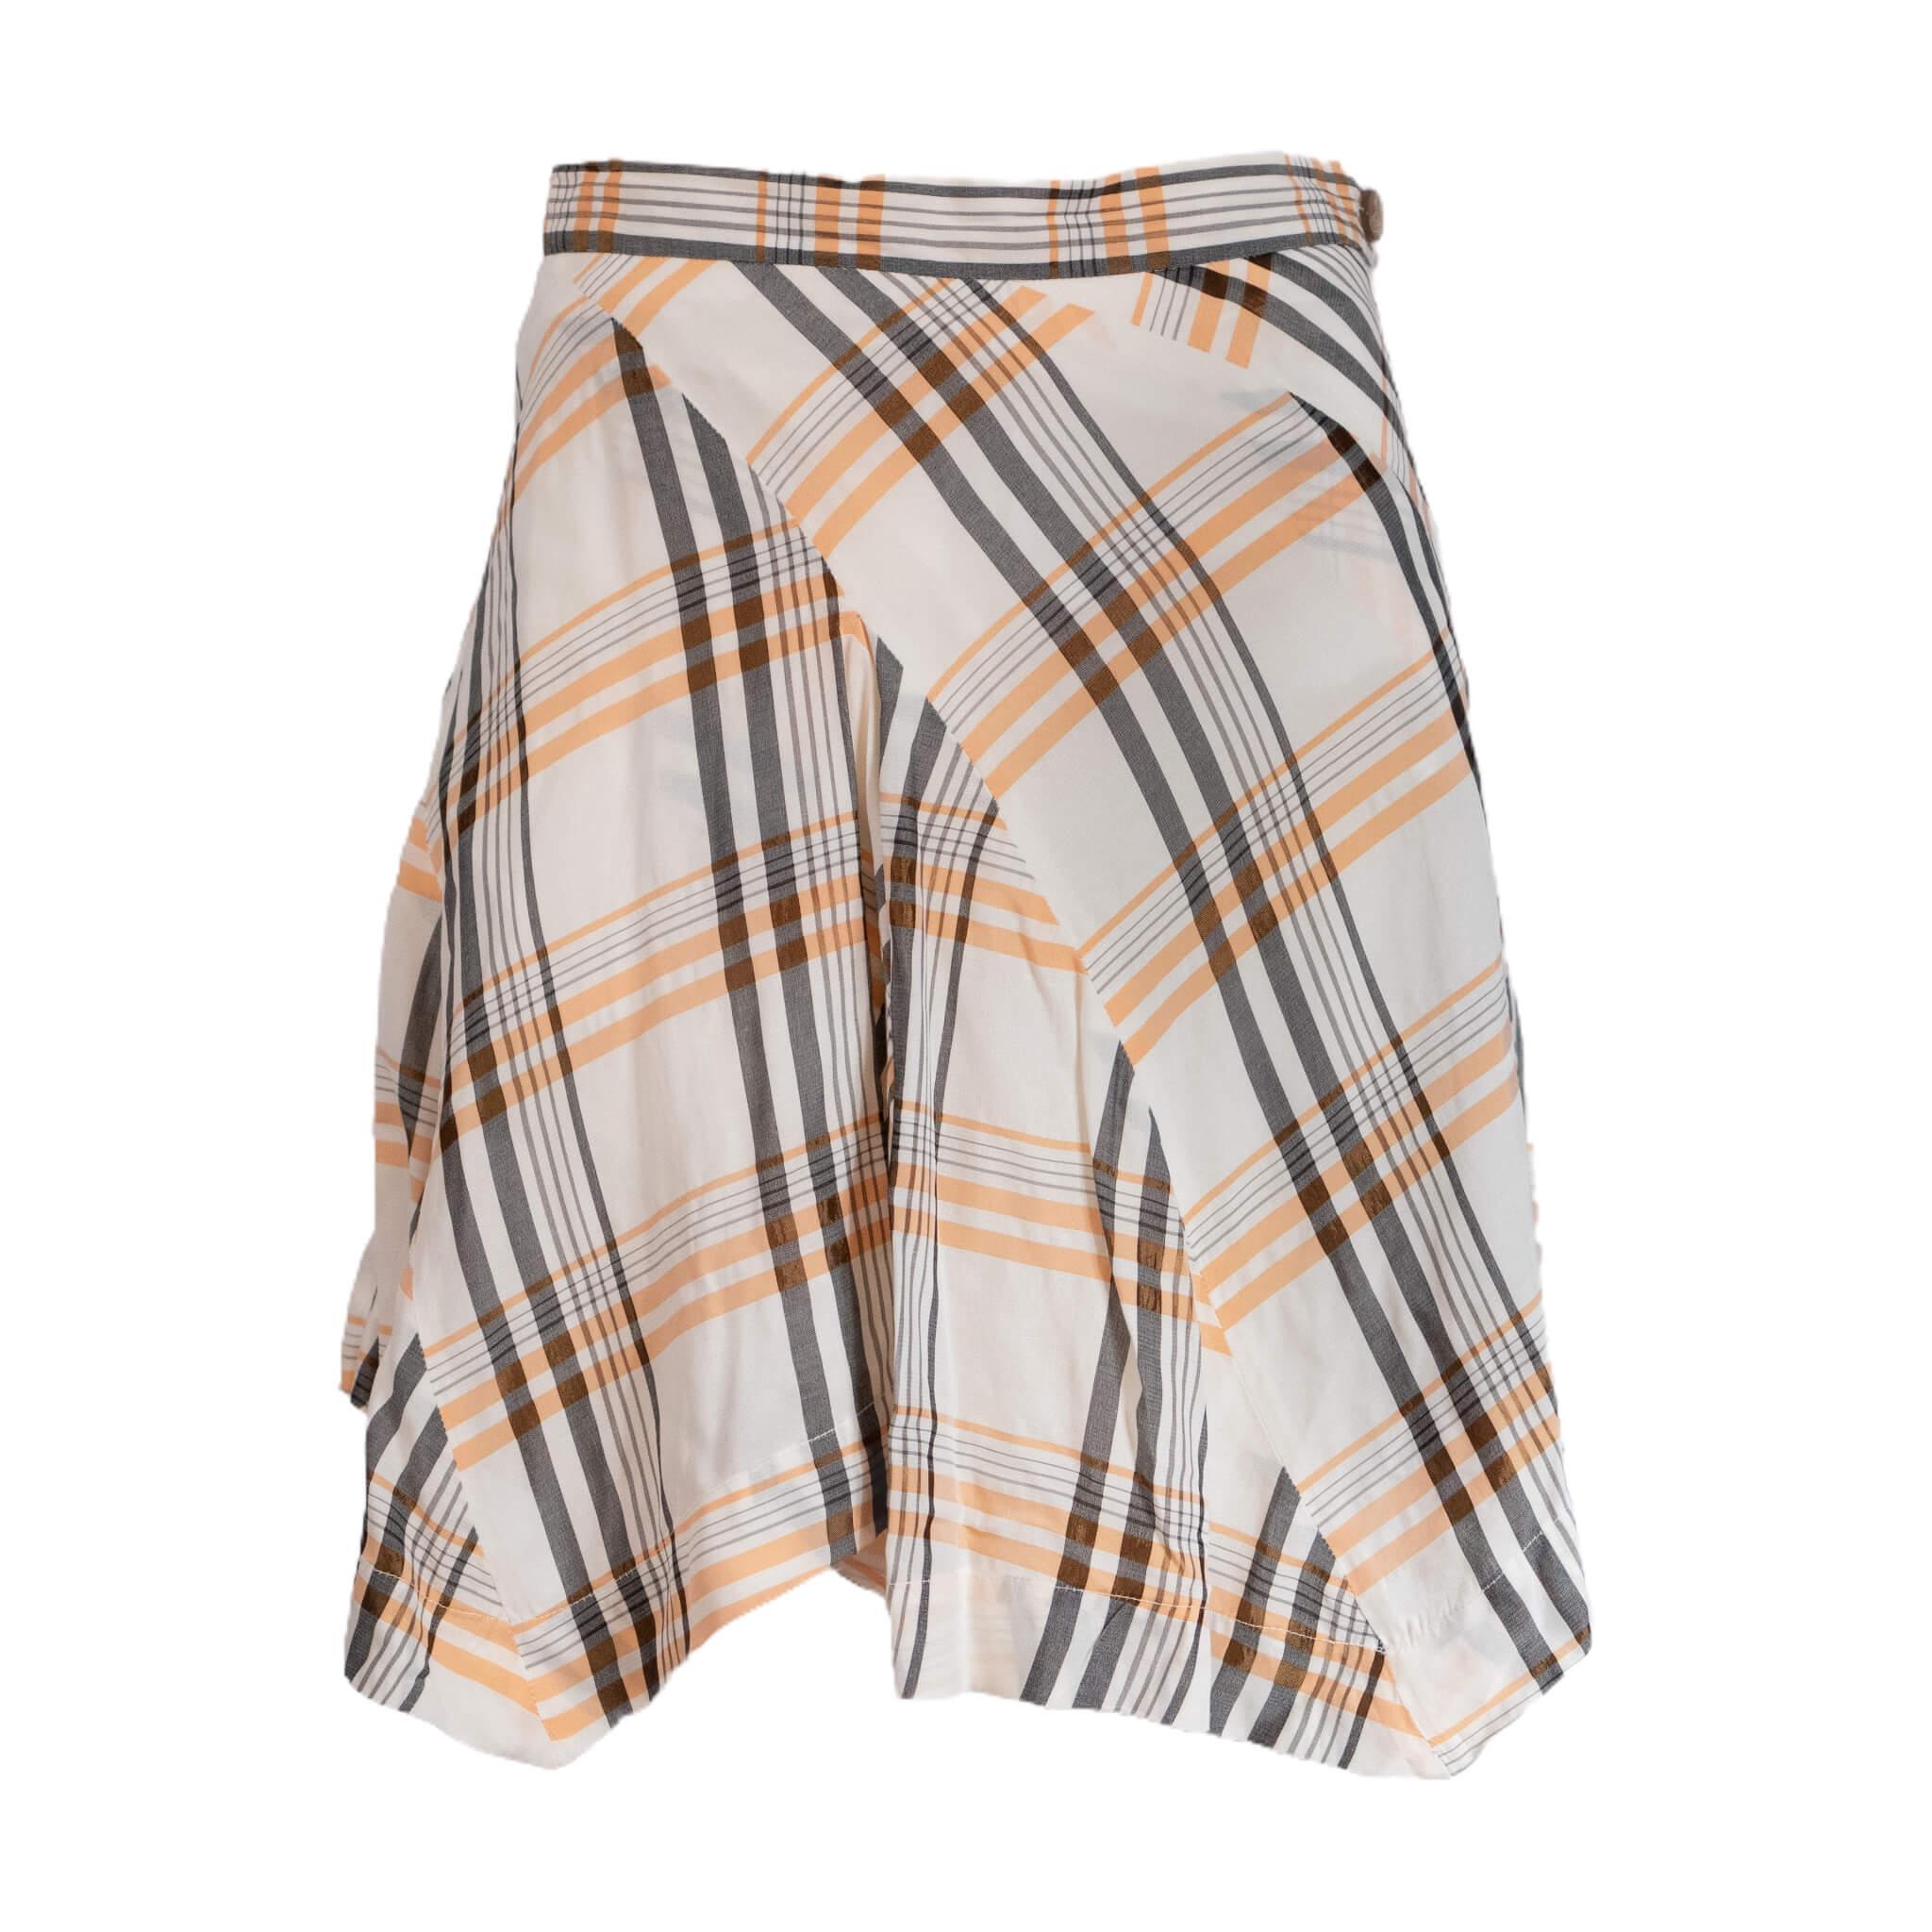 Vivienne Westwood Orange Creamsicle Skirt